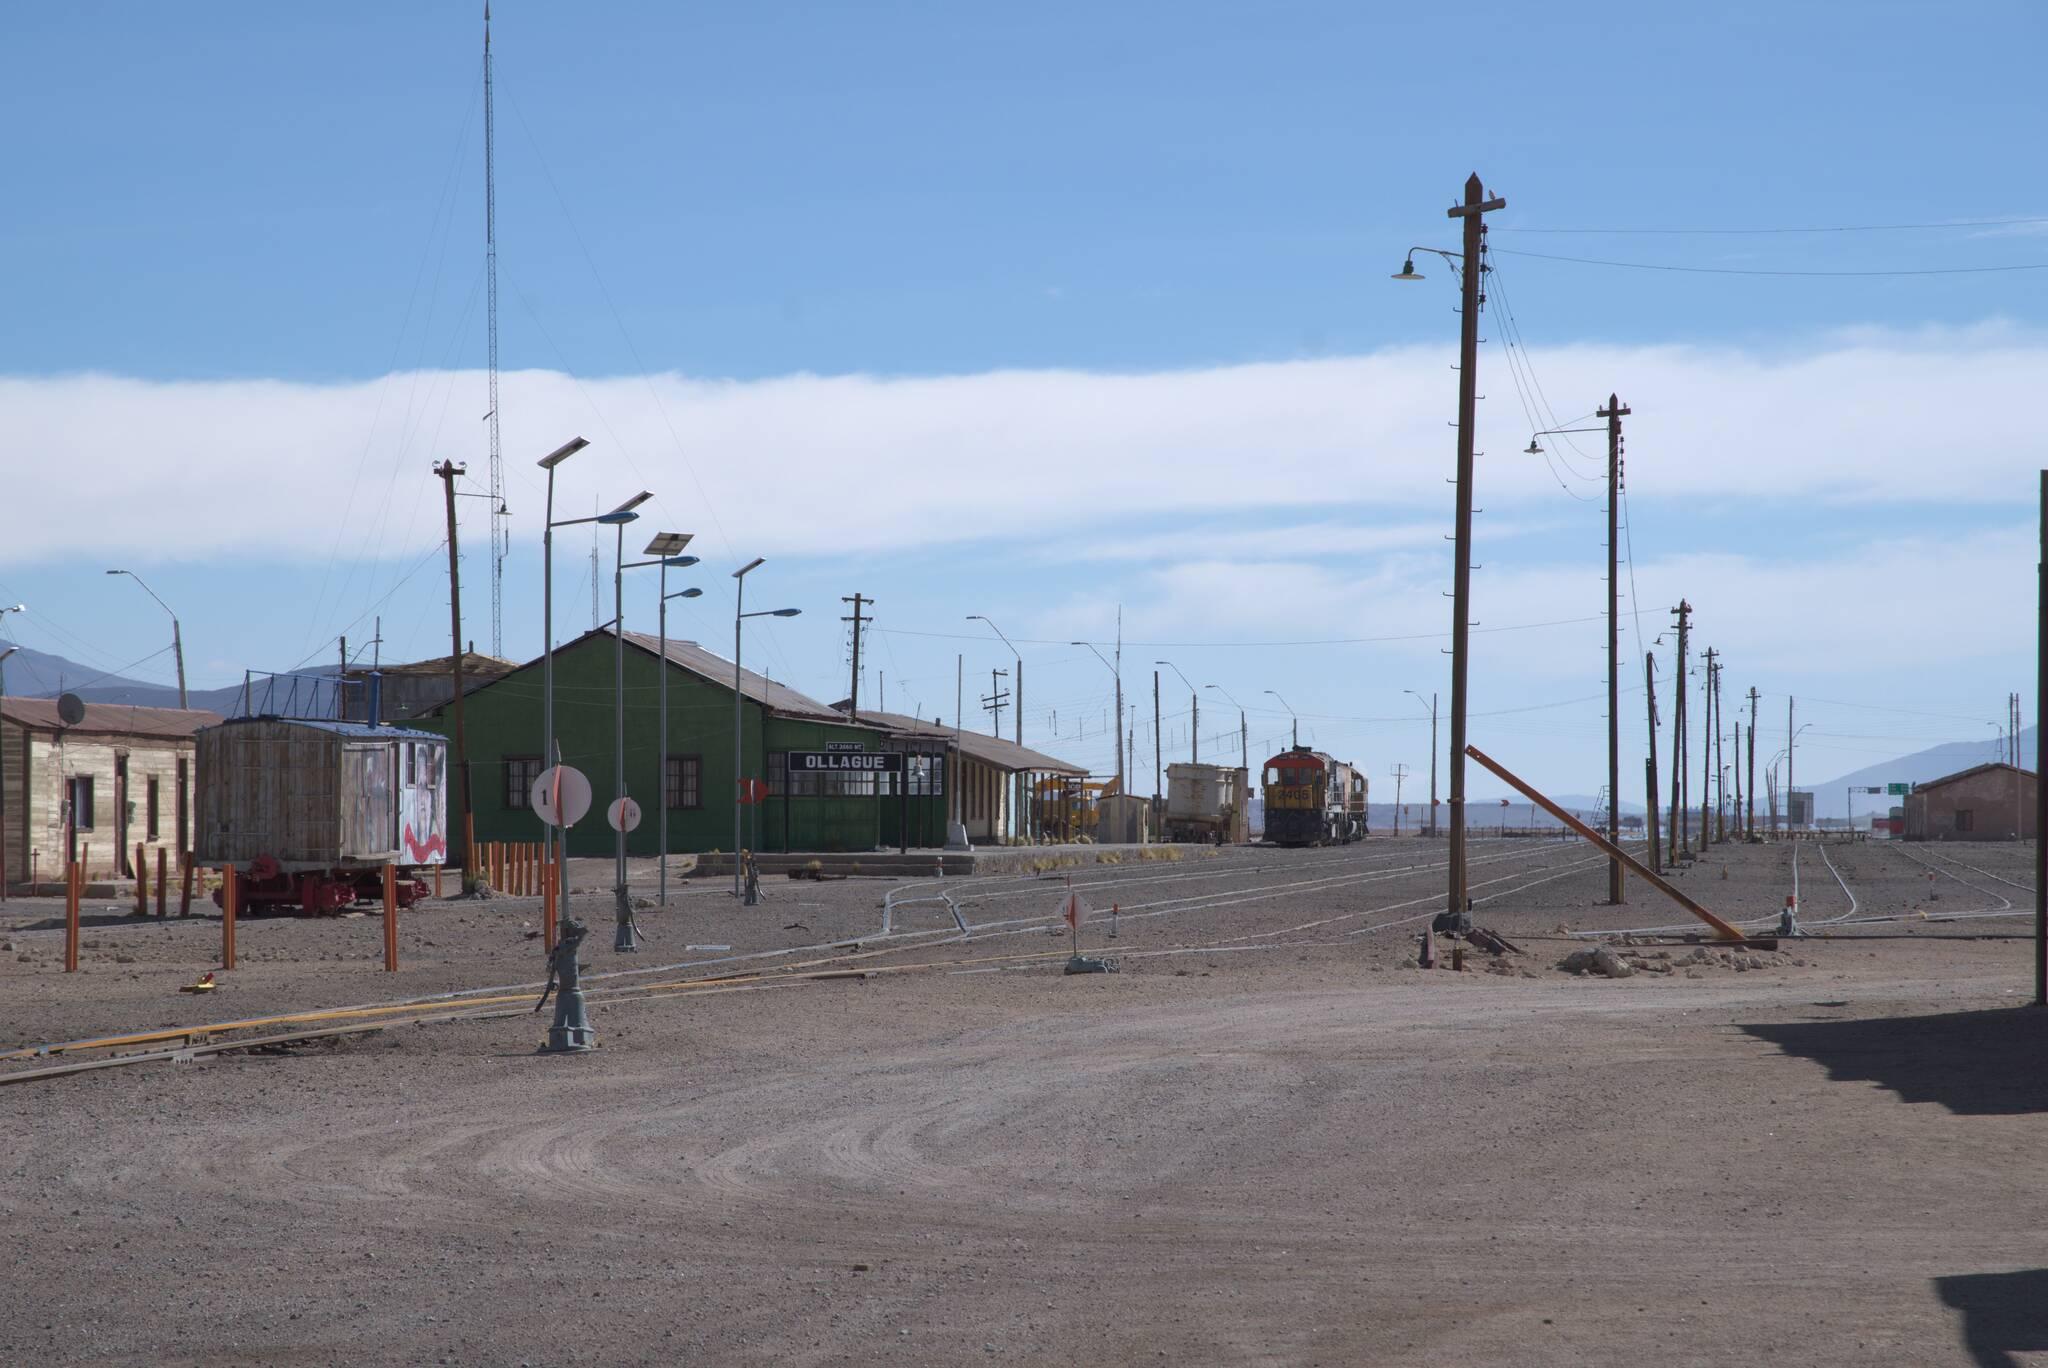 Stacja graniczna w Ollague